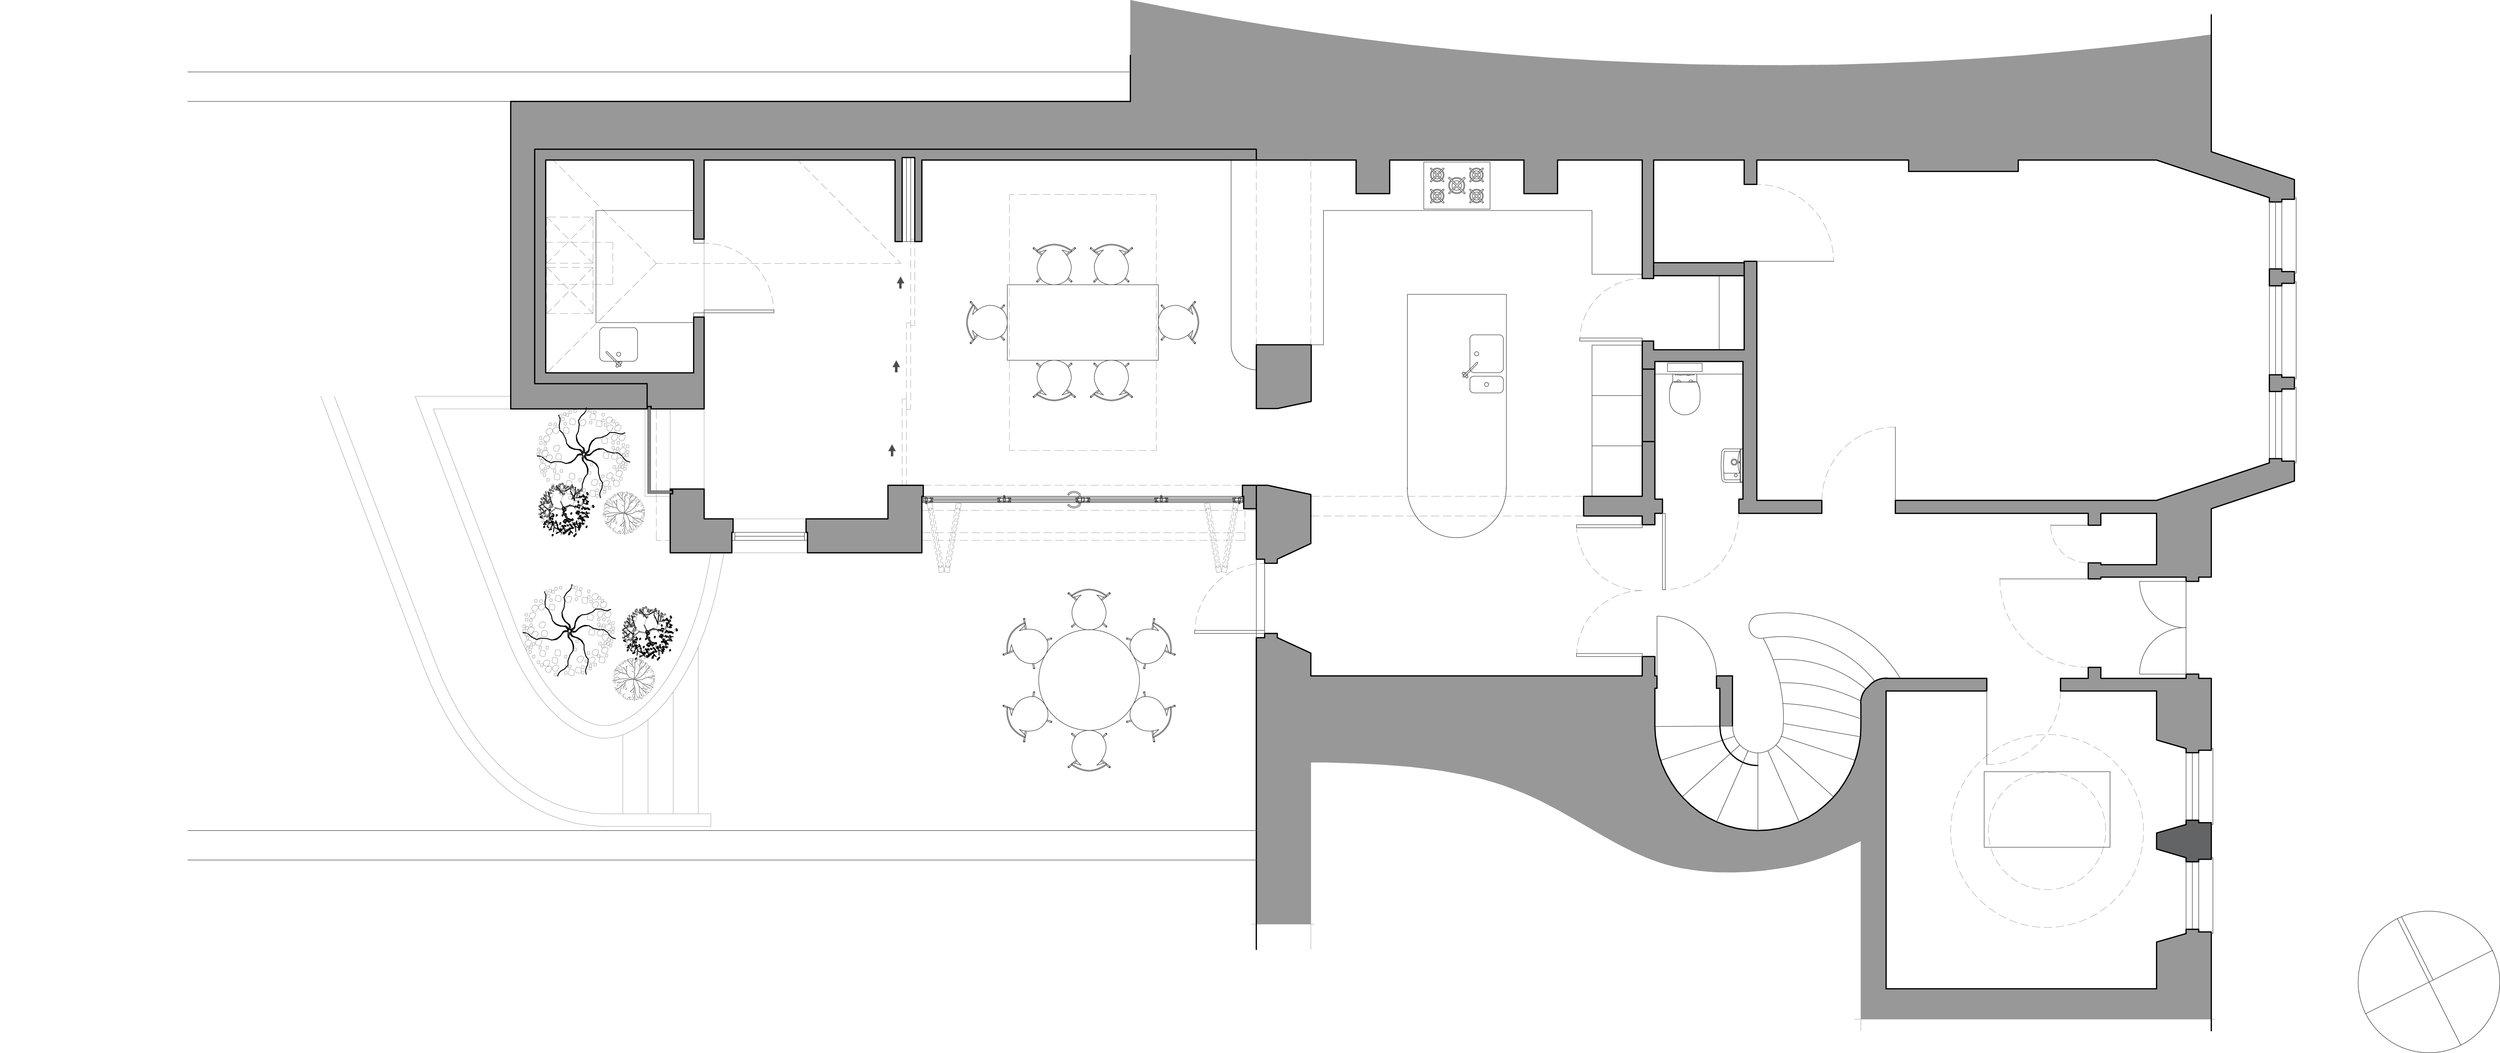 David Blaikie Architects Coltbridge Terrace Plan.jpg